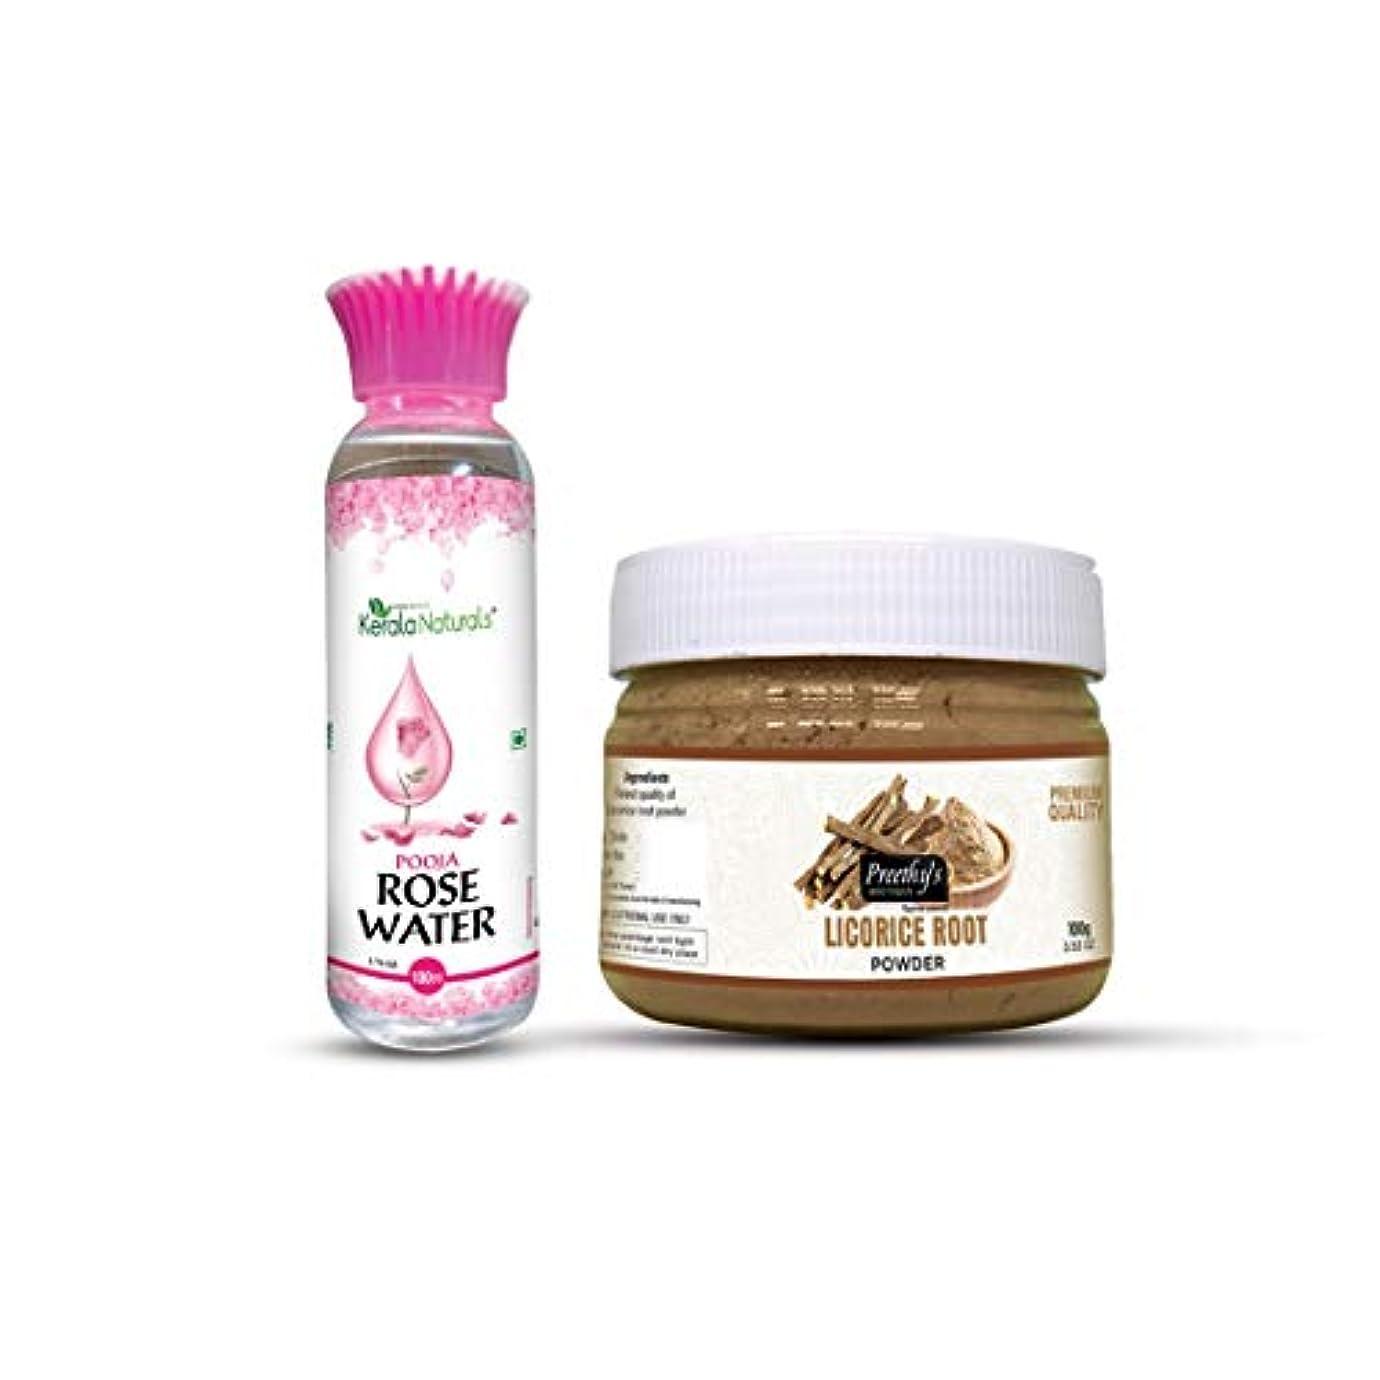 技術的な継承寝るCombo of Licorice root powder 100gm + Rose water 100ml - Natural Remedies for Skin Disorders, Fade Dark Spots,...